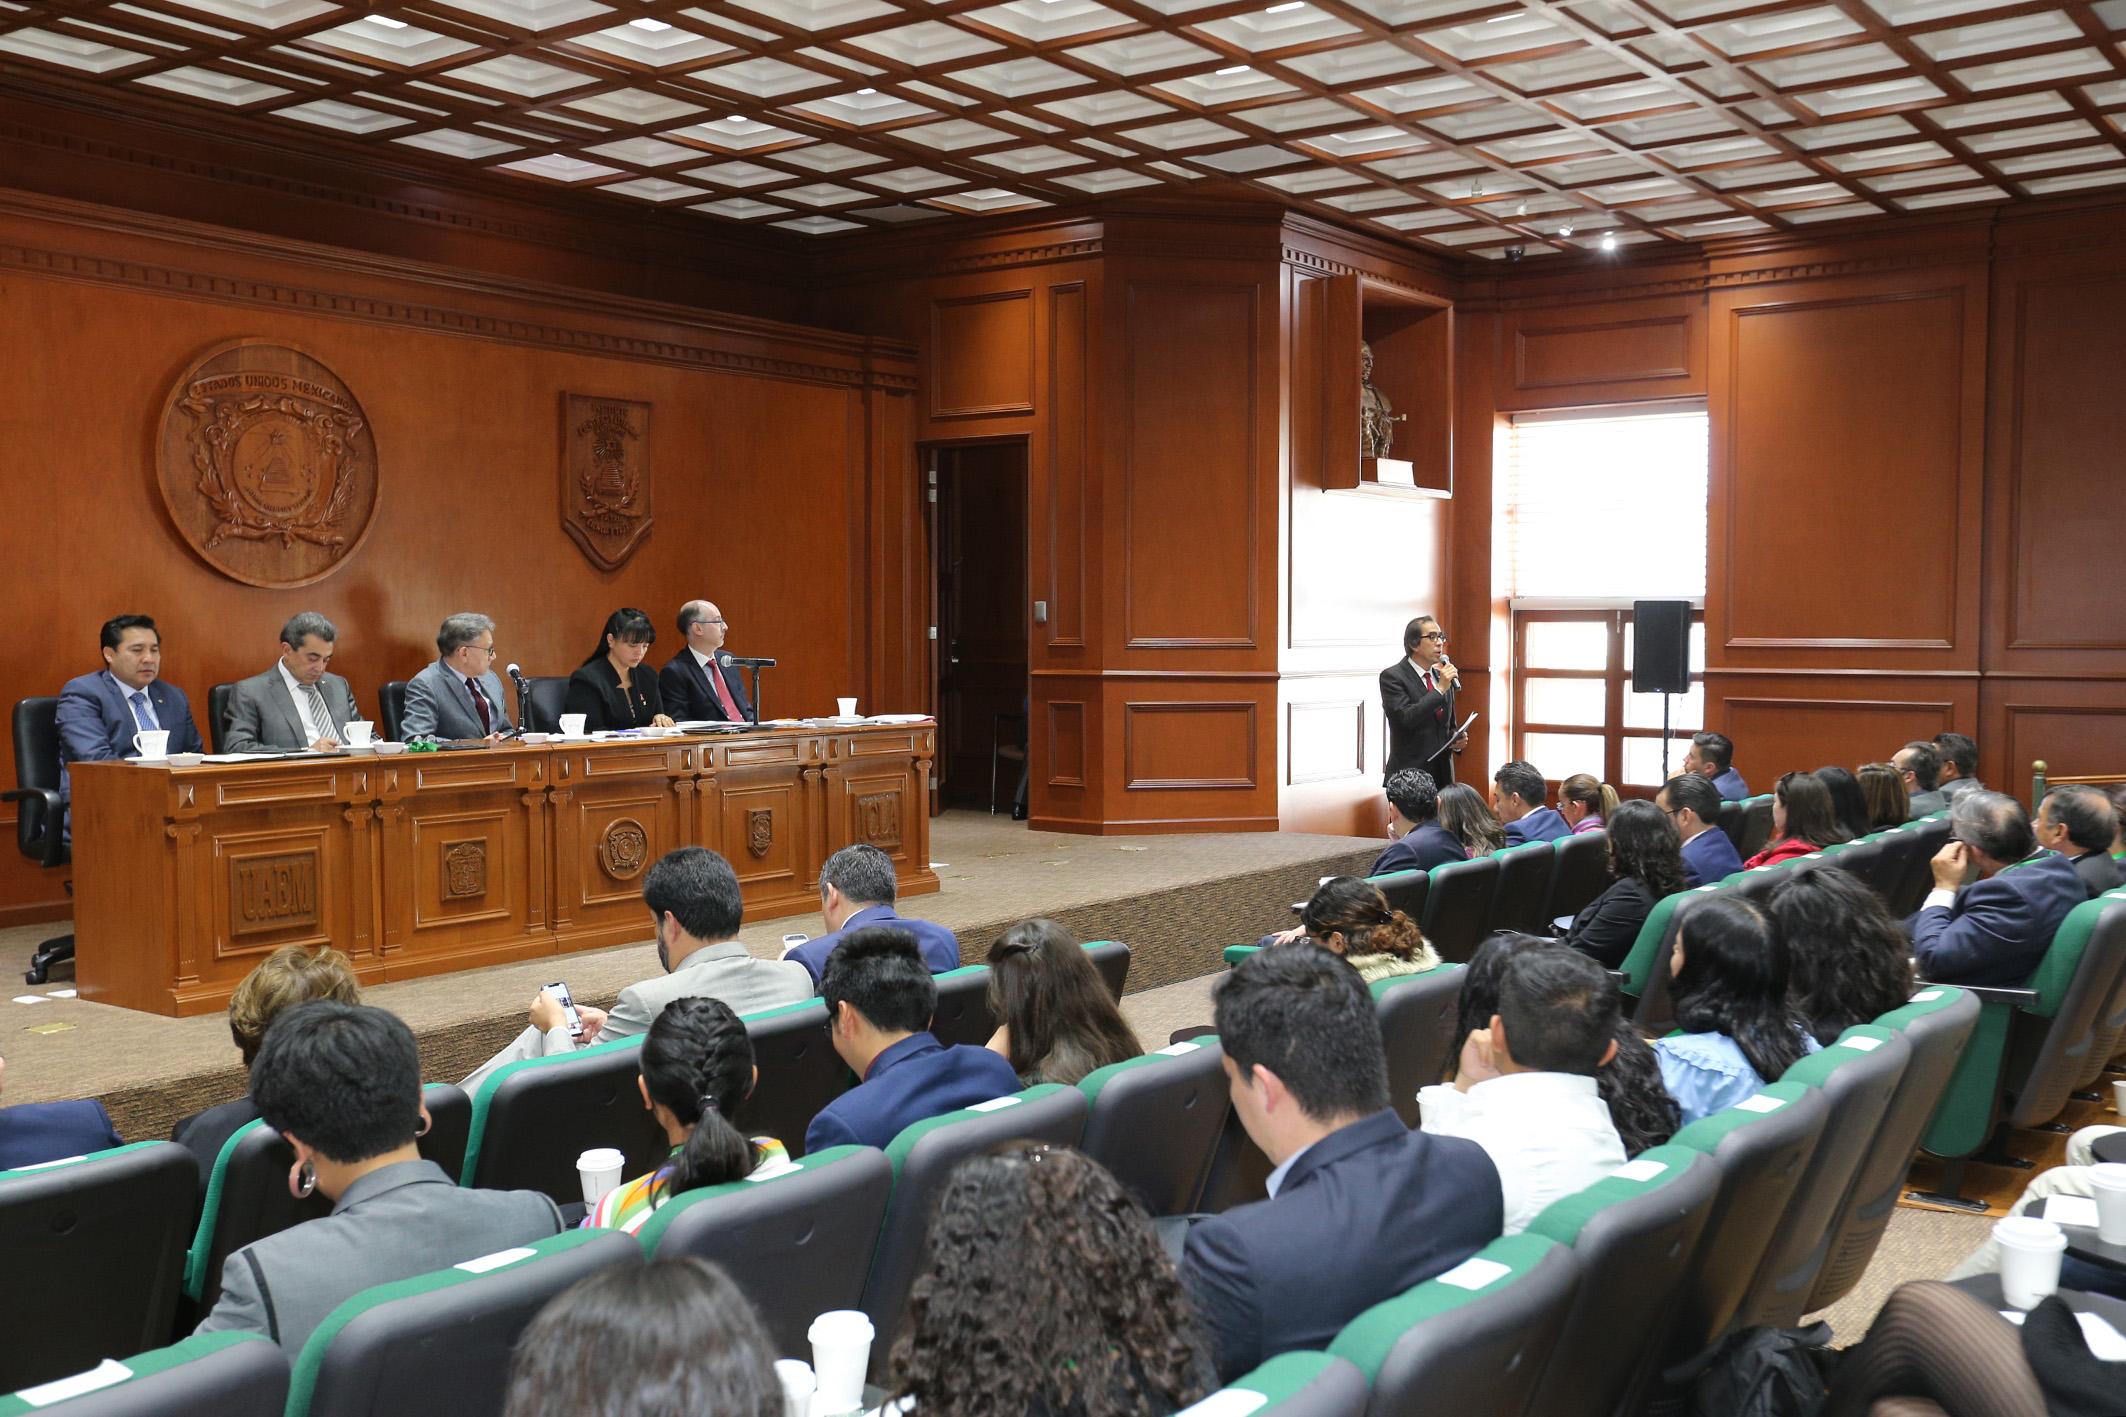 H. Consejo Universitario de UAEM aprobó reforma al Reglamento de los Estudios Avanzados